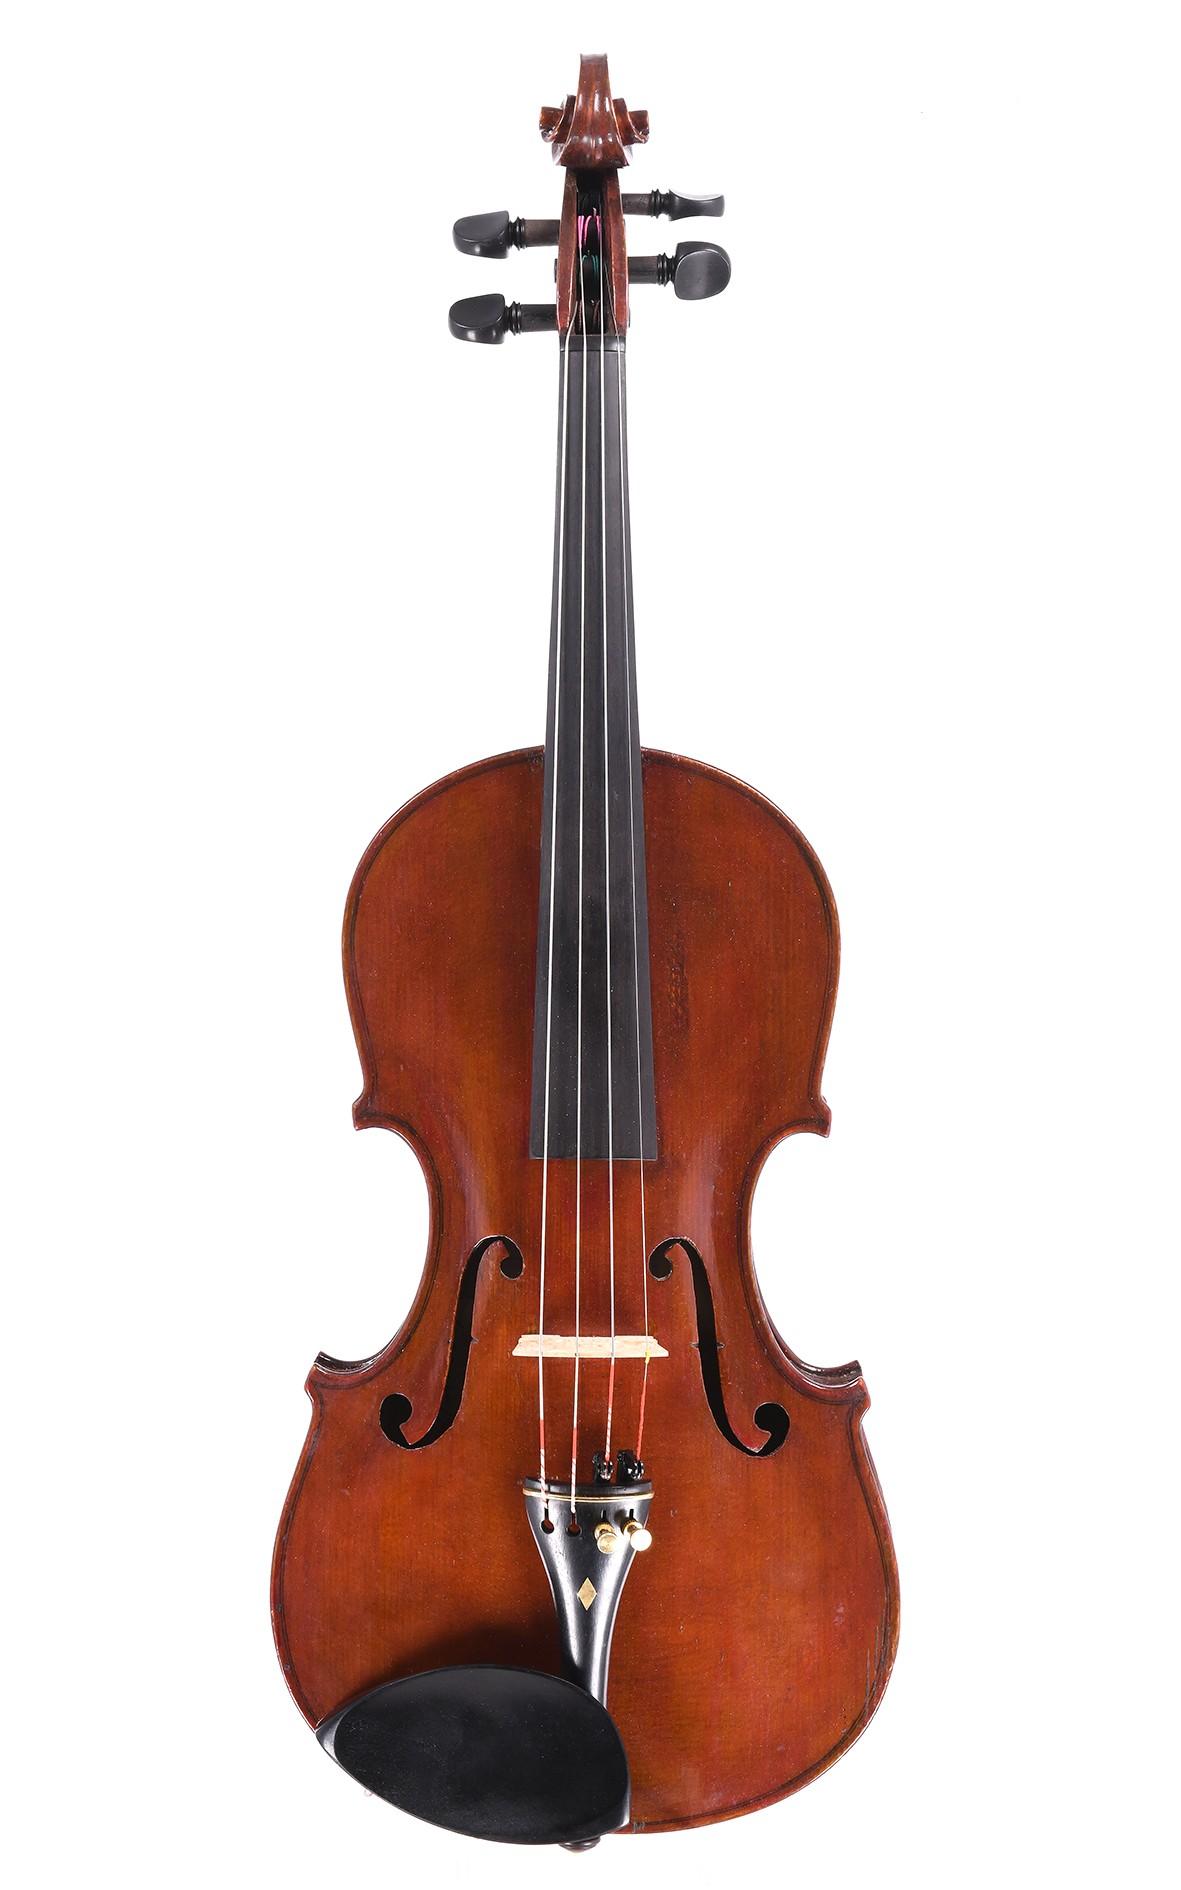 Italienische Geige von Vittorio Mutti, gebaut 1940